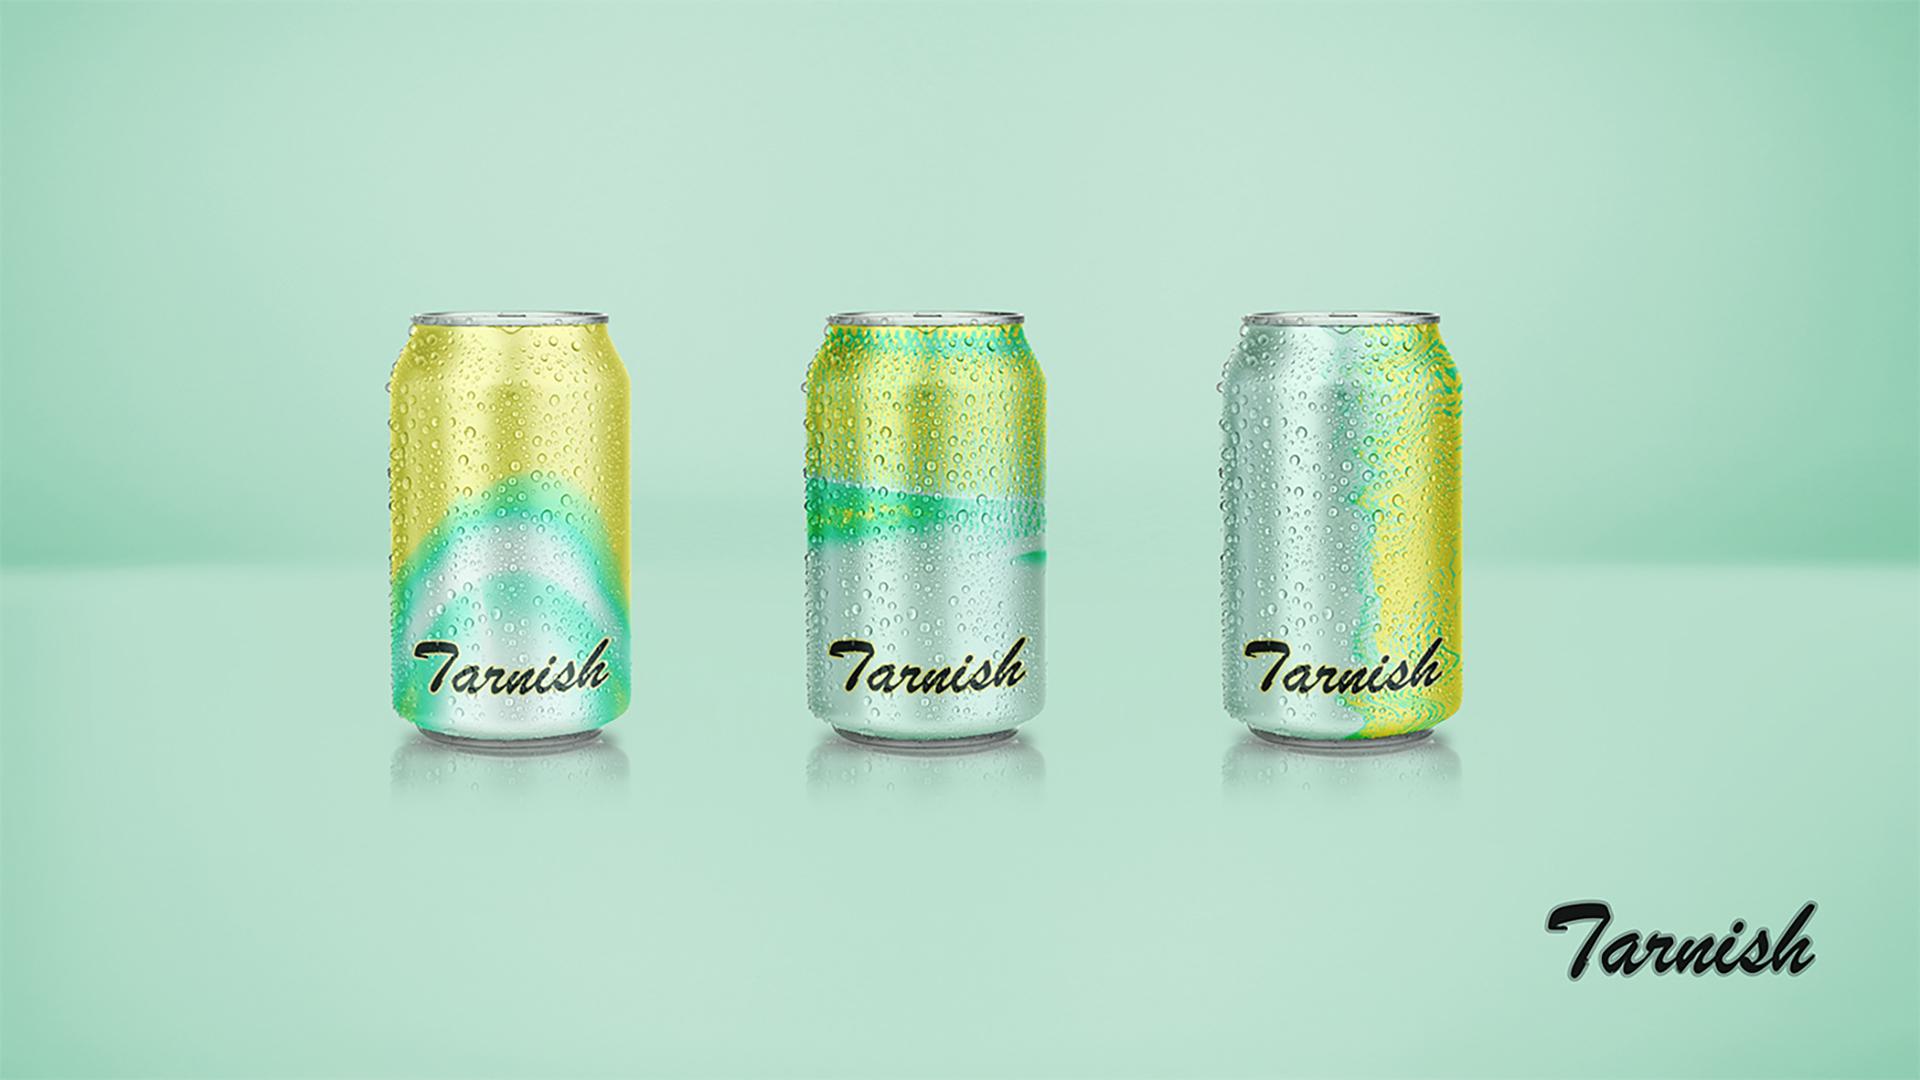 Tarnish冰啤柠檬口味包装设计